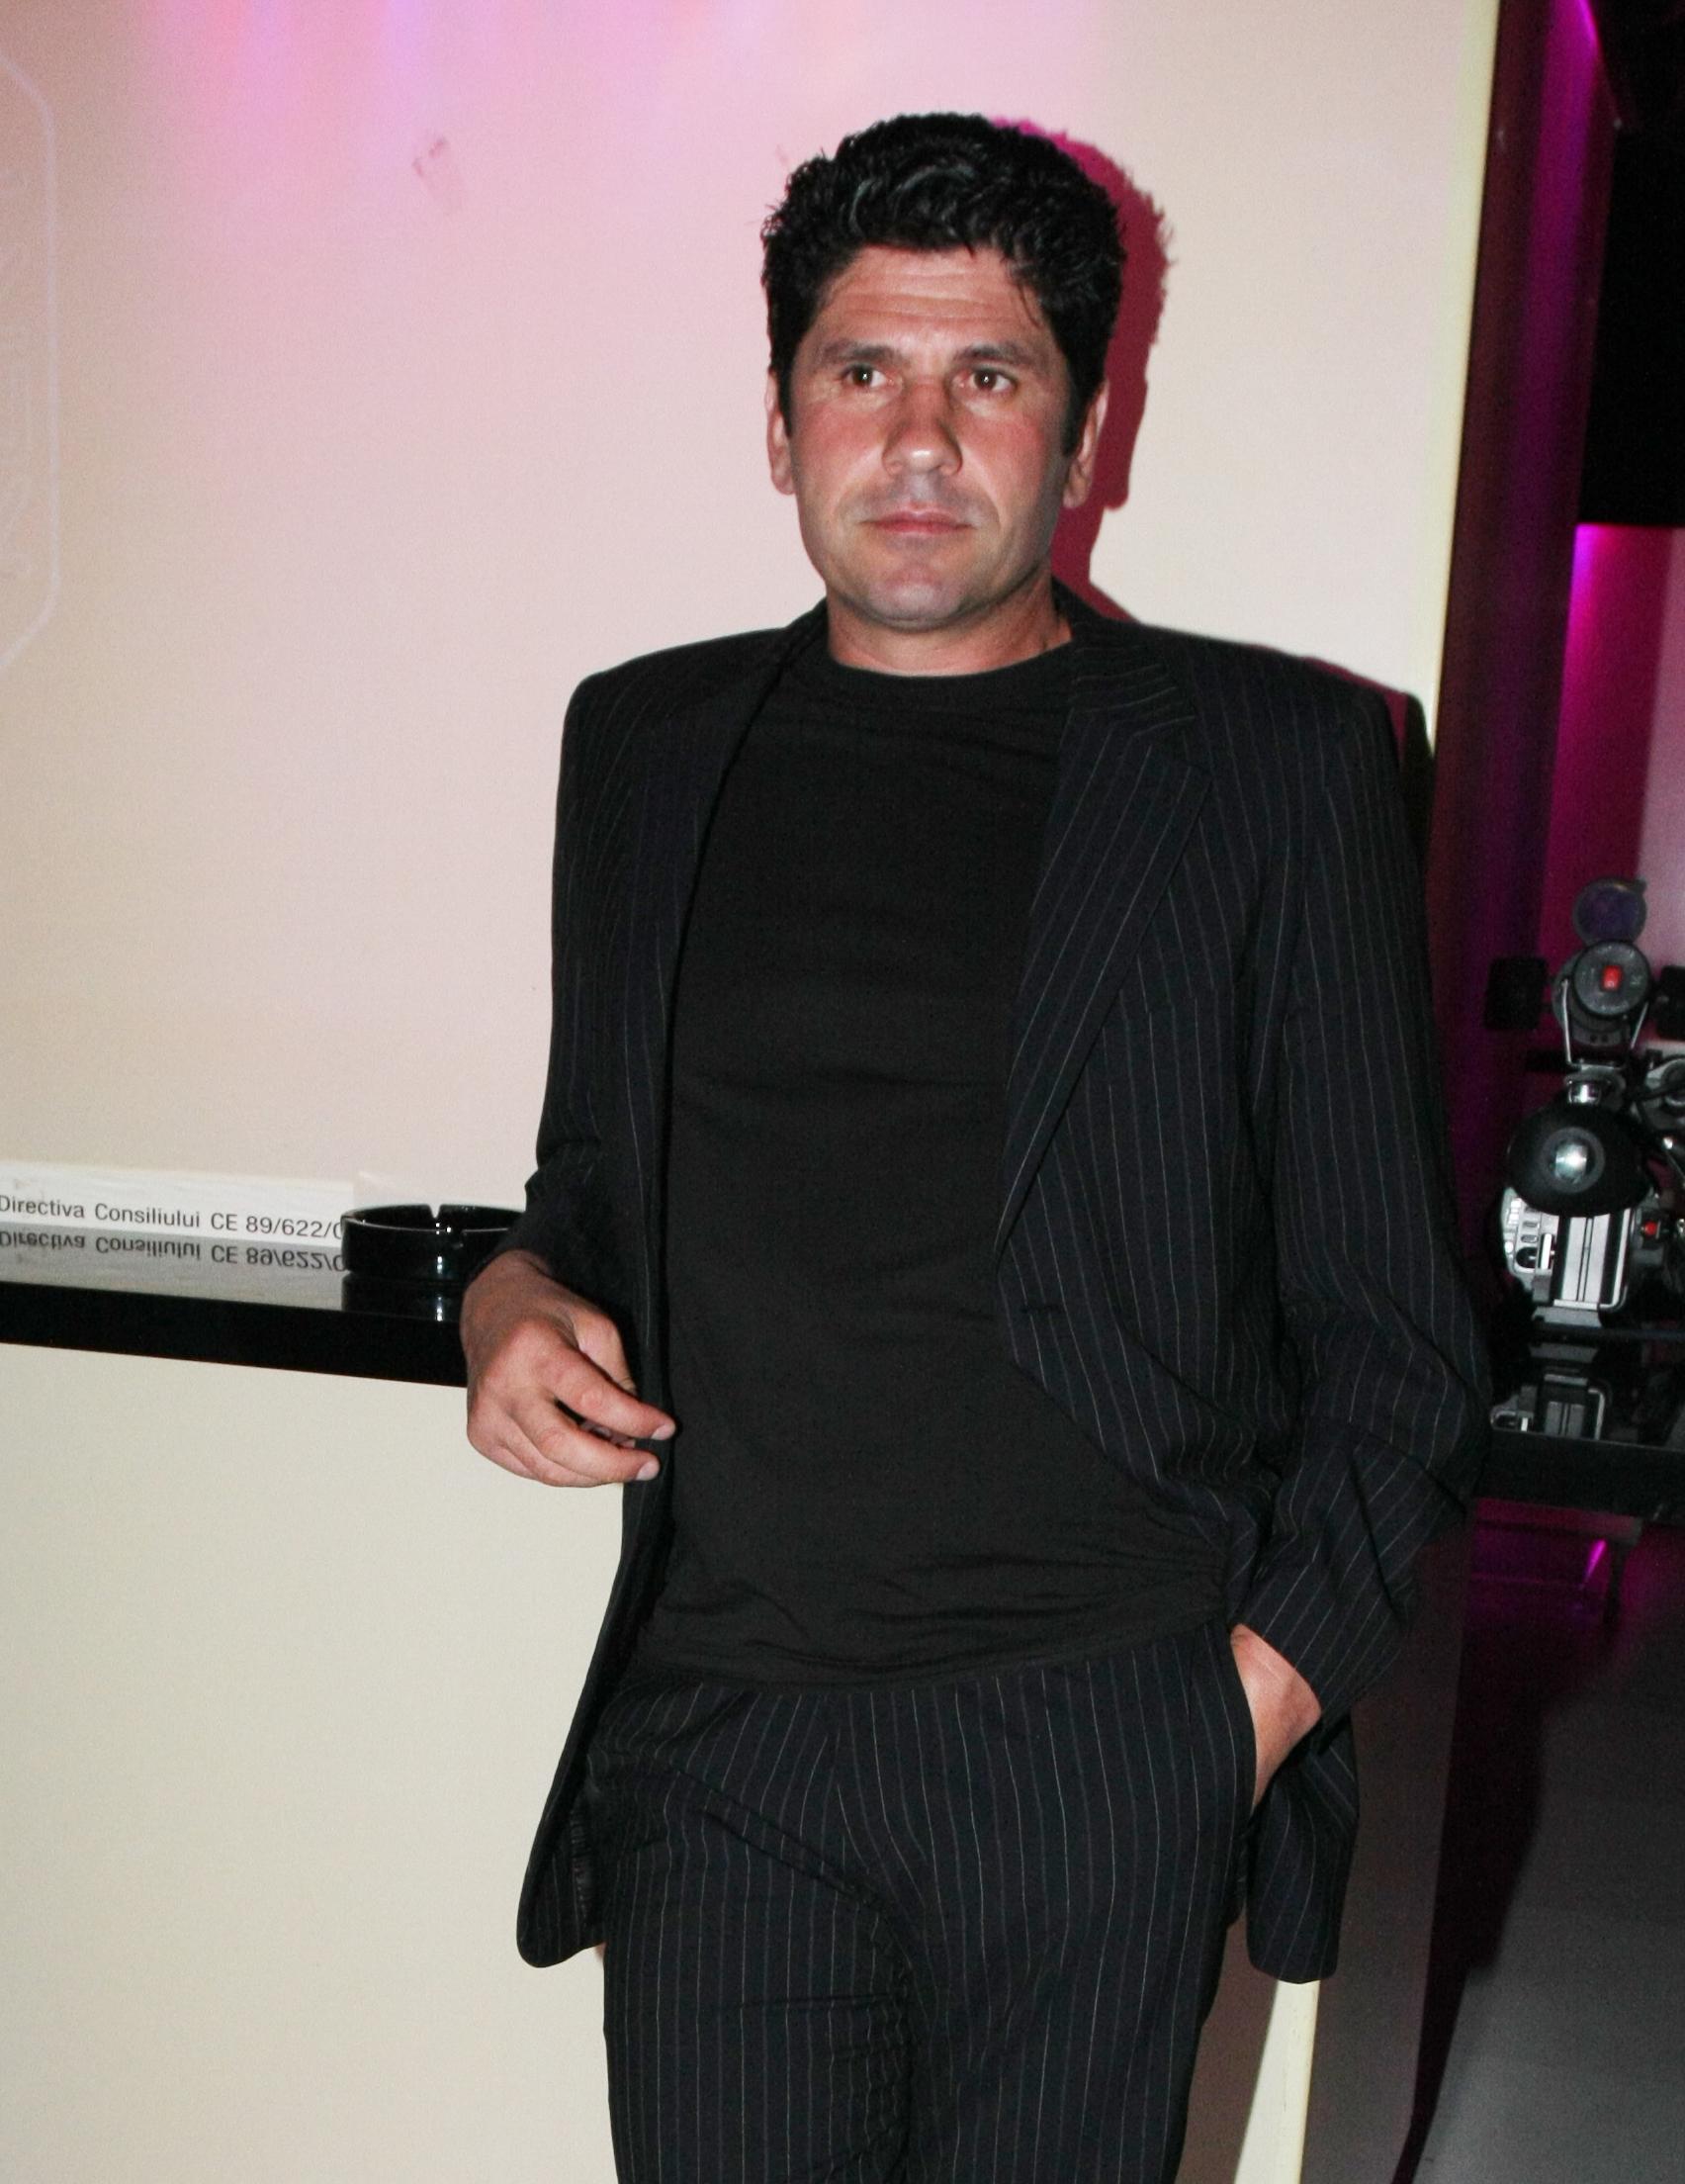 Stelian Ogica spune ca de aceasta data nu s-a mai luat nimeni de el